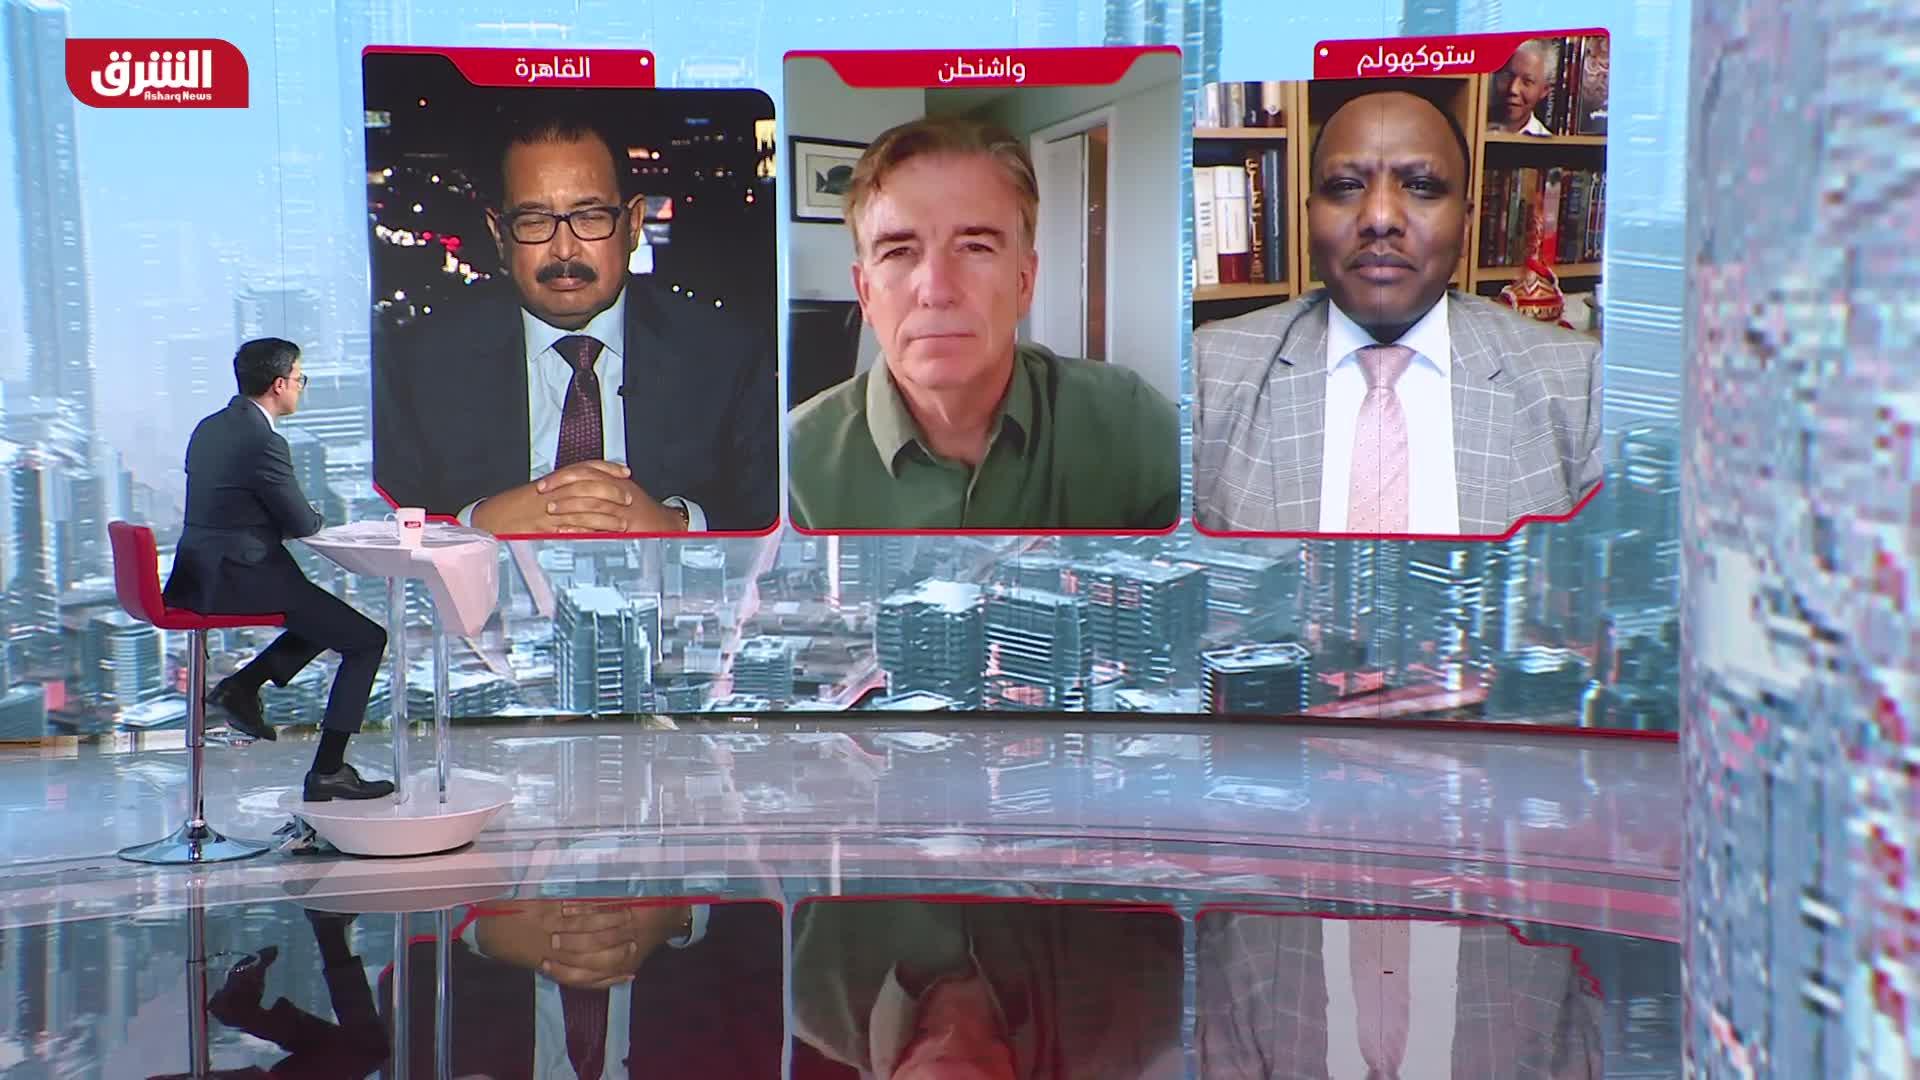 واشنطن تلوح بالعقوبات ضد إثيوبيا بموجب أمر تنفيذي